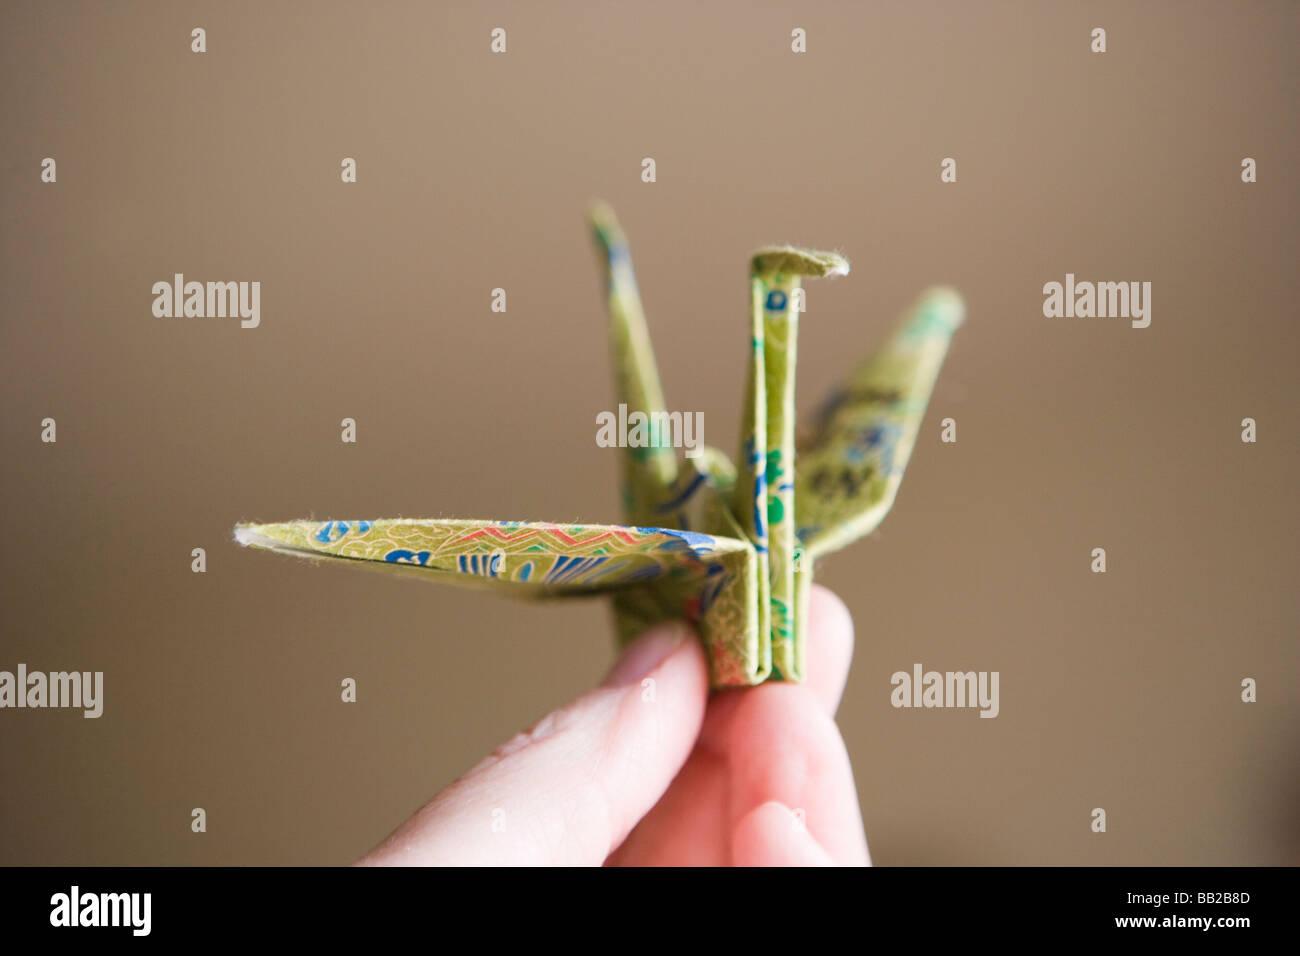 Japanische Papier Kran, Closeup, Symbol des Friedens Stockbild